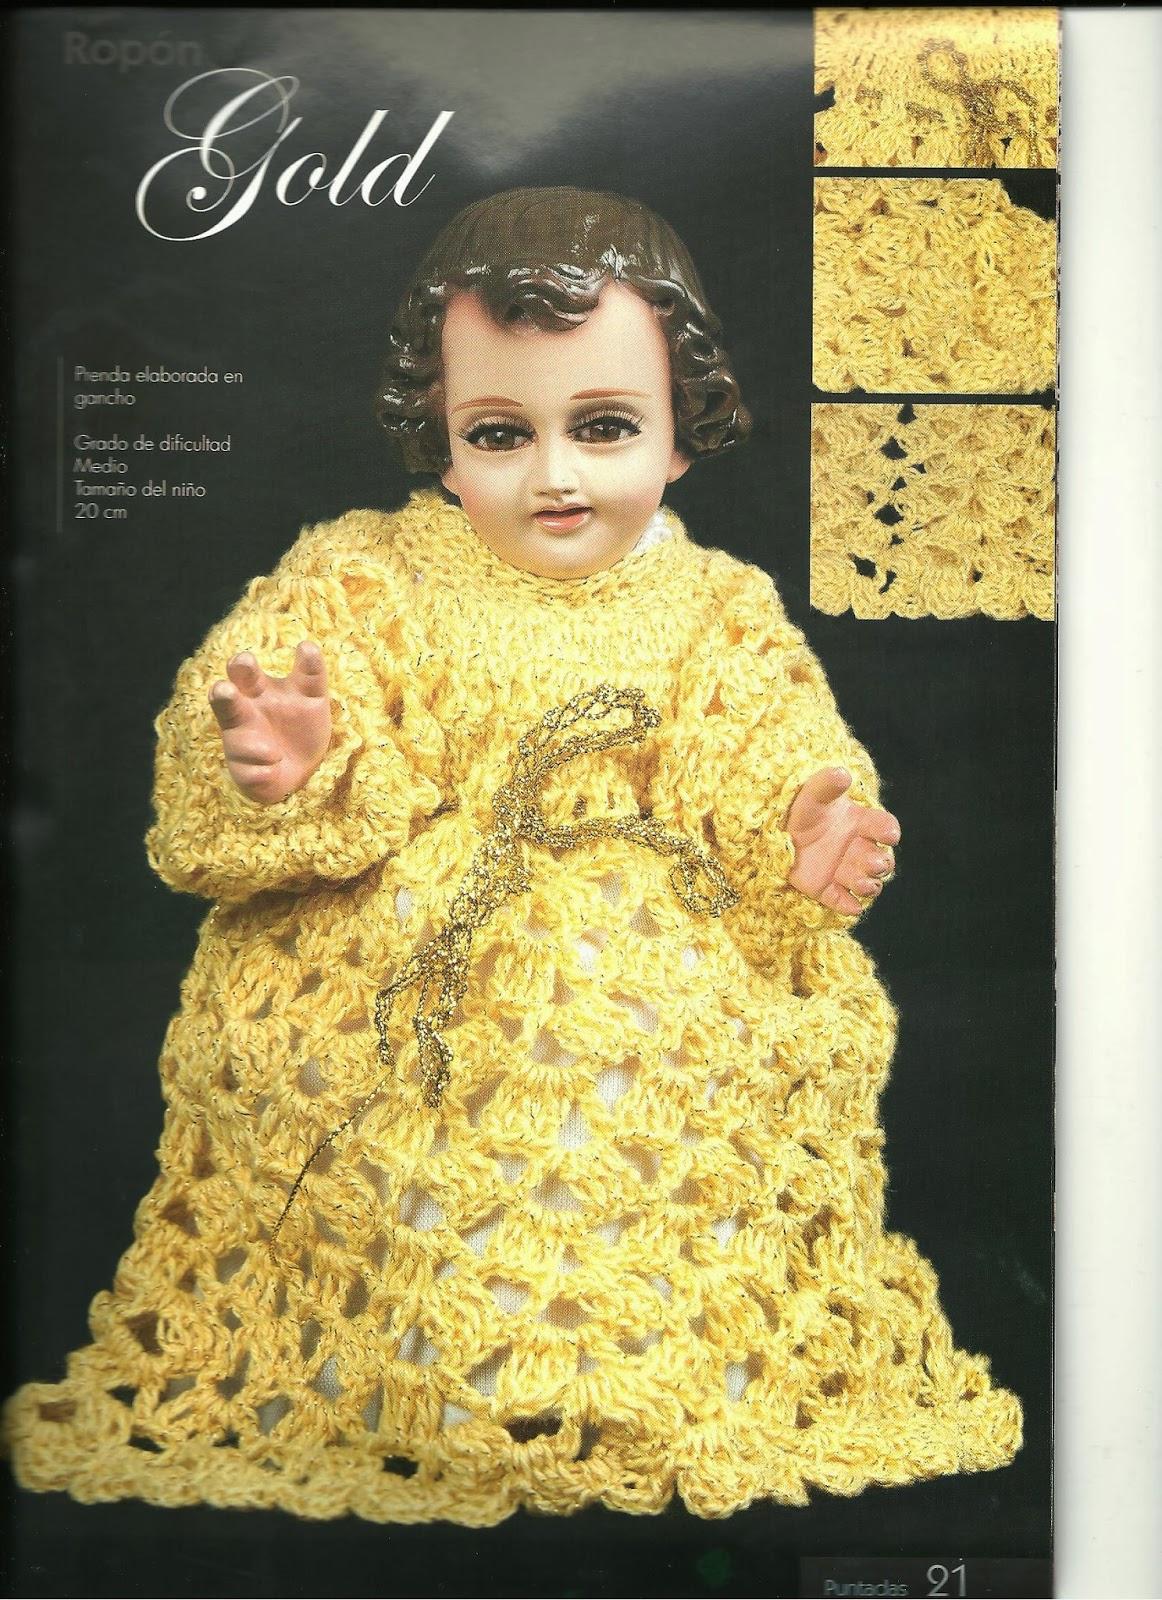 Crochet Vestido Nino Dios Nino Dios Pinterest Hd Wallpaper 4k